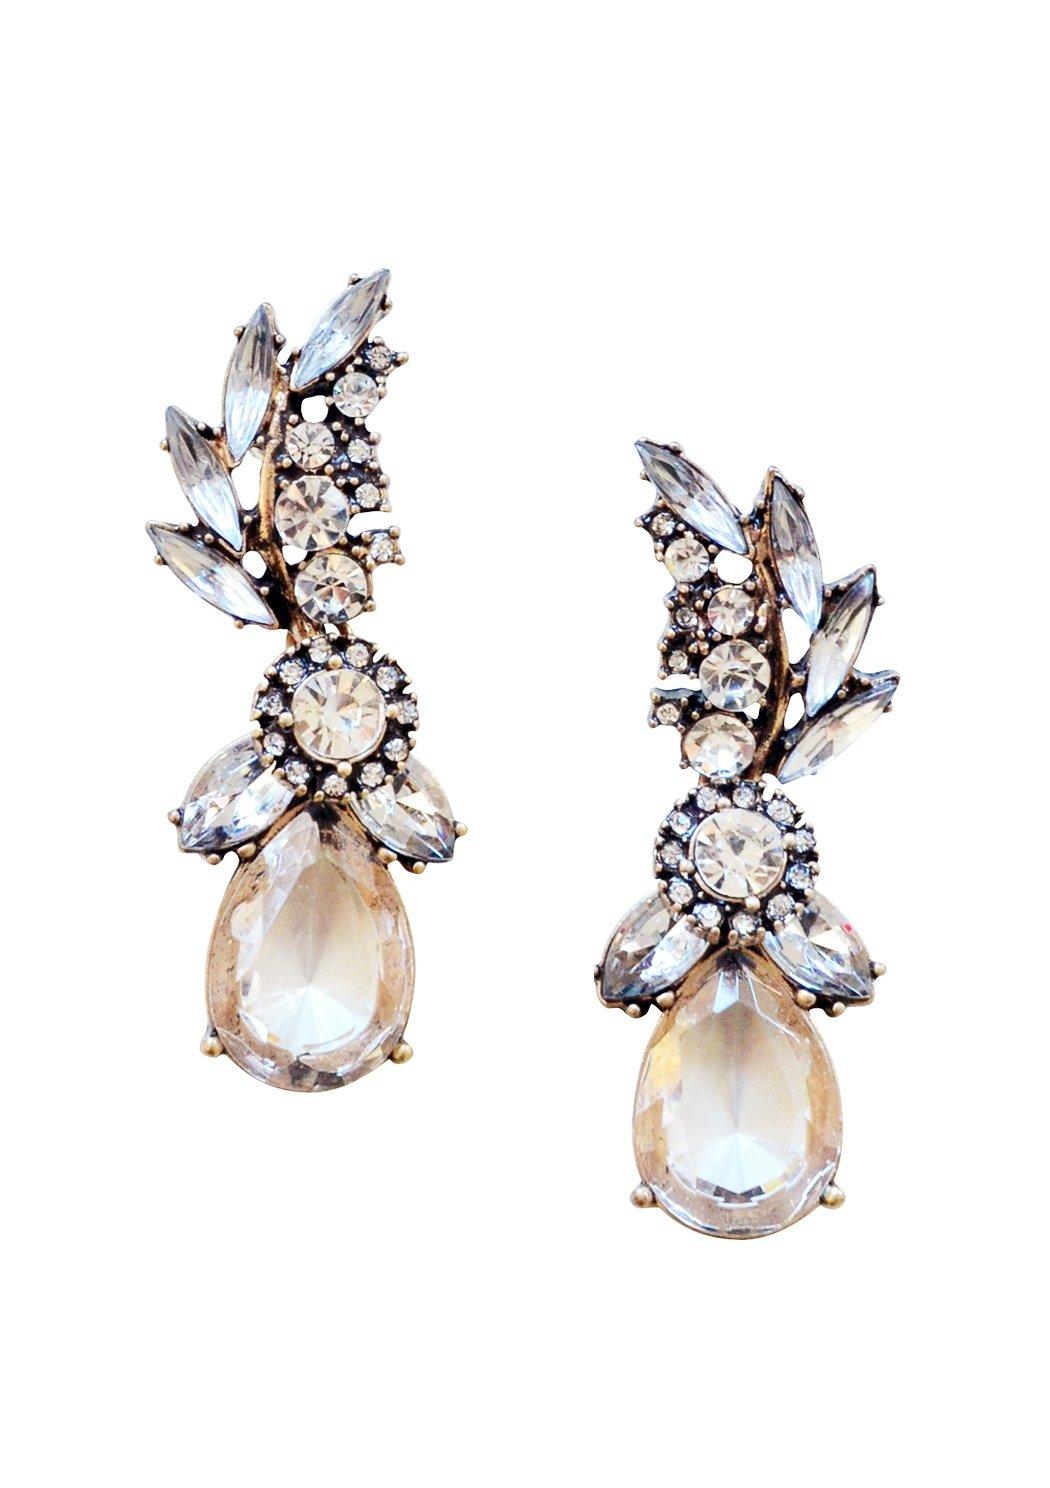 Statement Earrings in Clear Color | Chandelier Drop Earrings in Gold Color